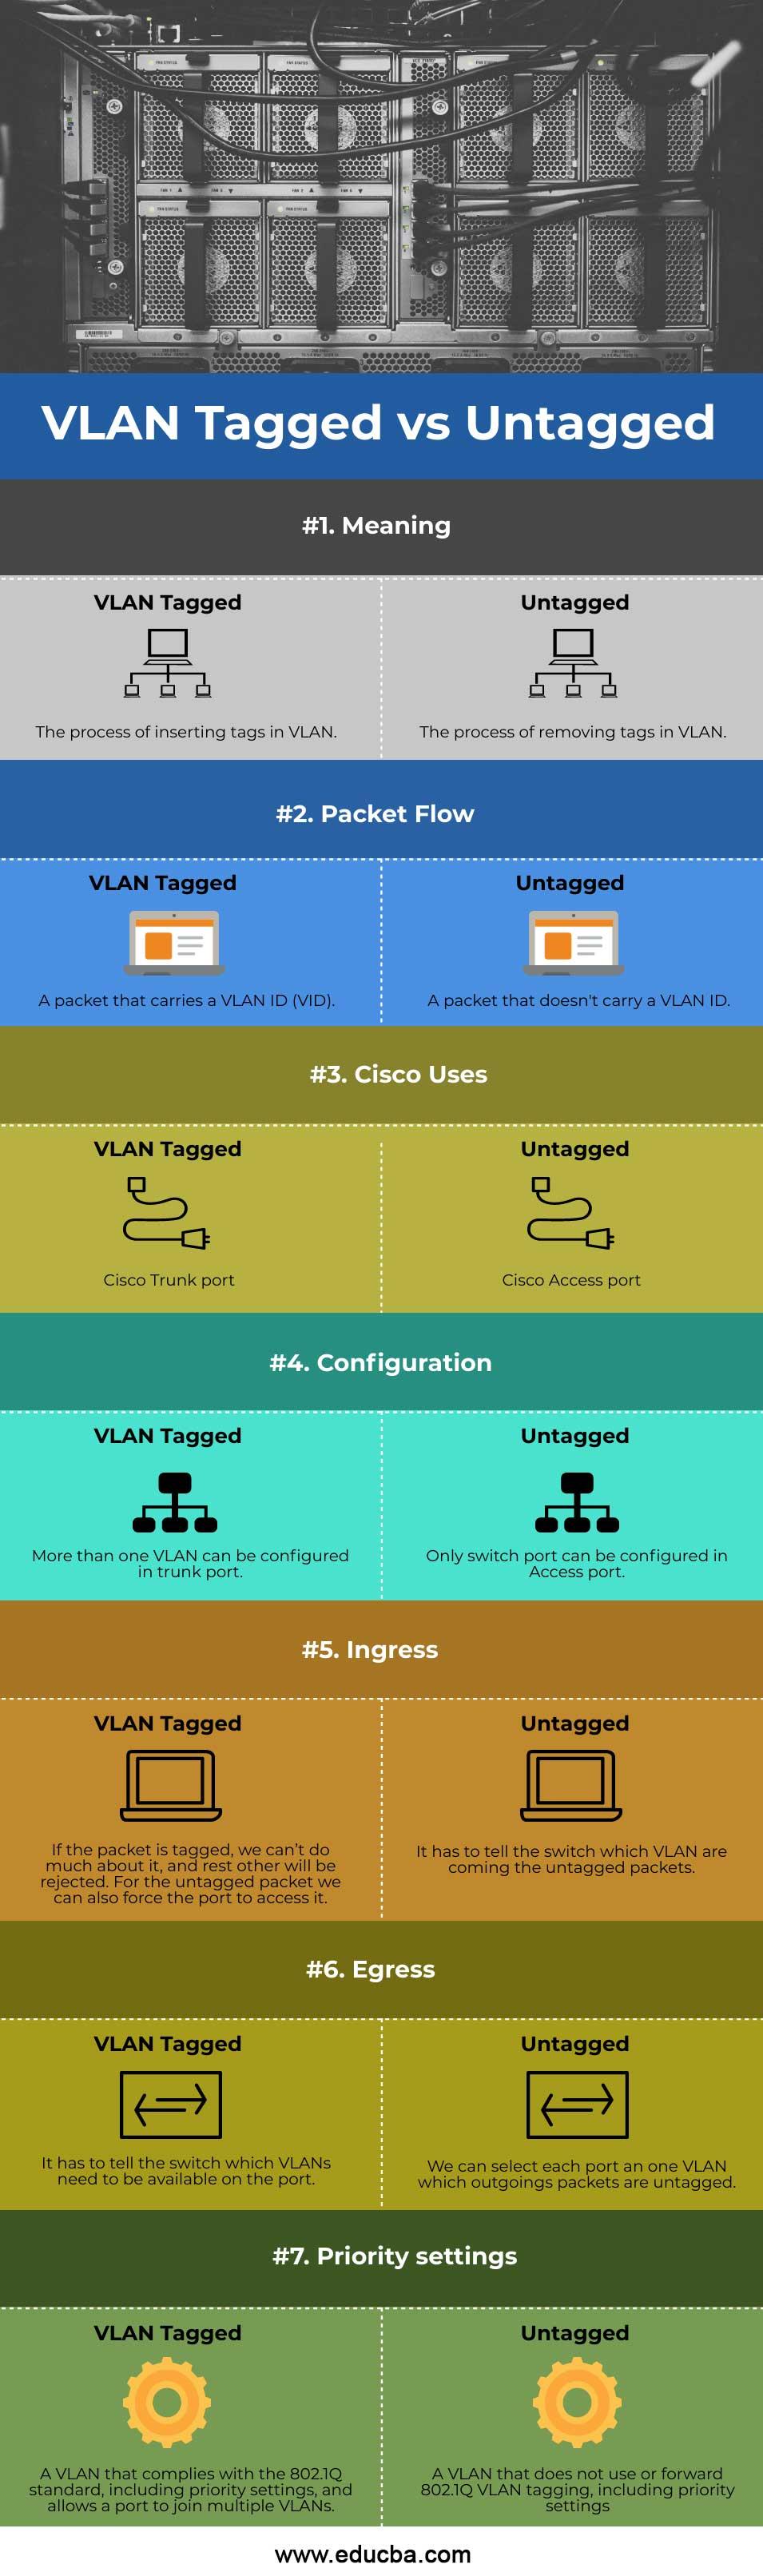 VLAN-Tagged-vs-Untagged